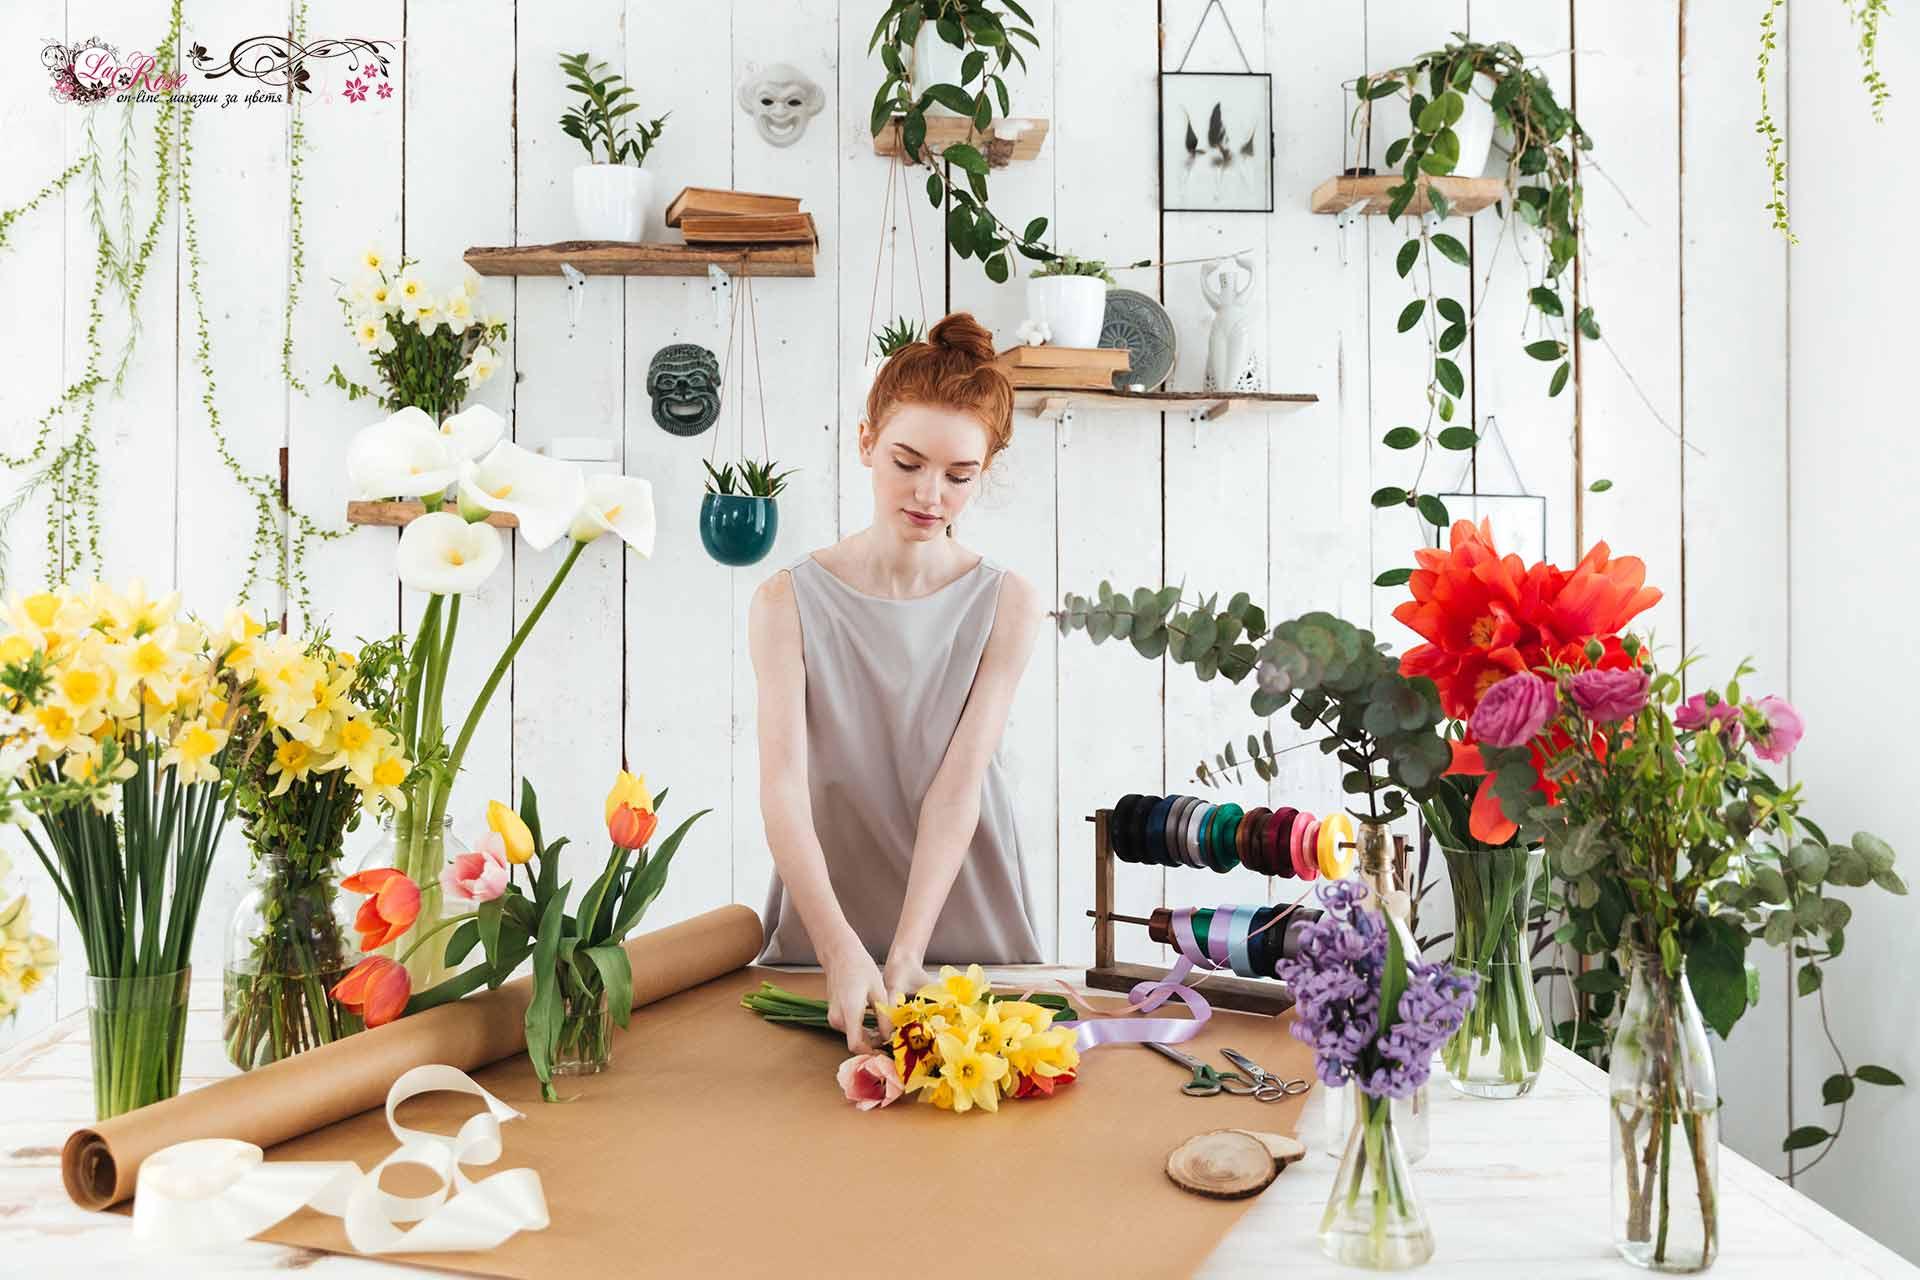 Защо доставката на цветя стана толкова популярна, печеливша и удобна?